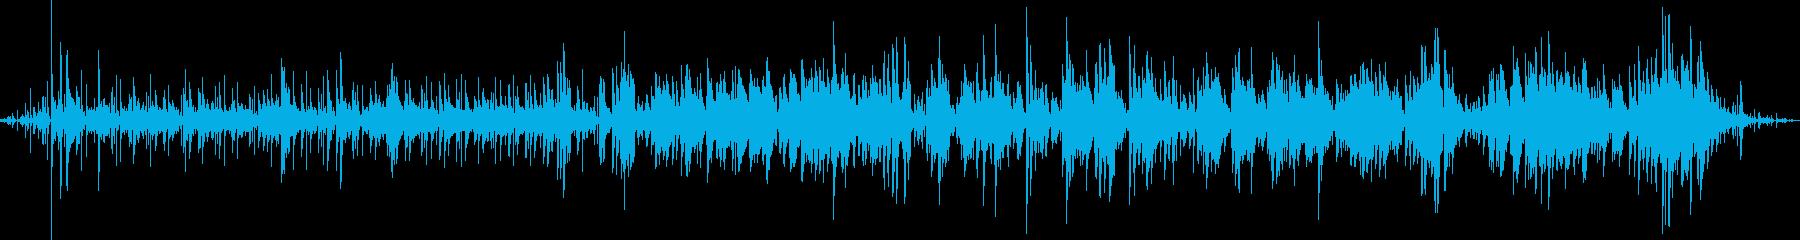 ラジオから聞こえて来る軽快なフュージョンの再生済みの波形